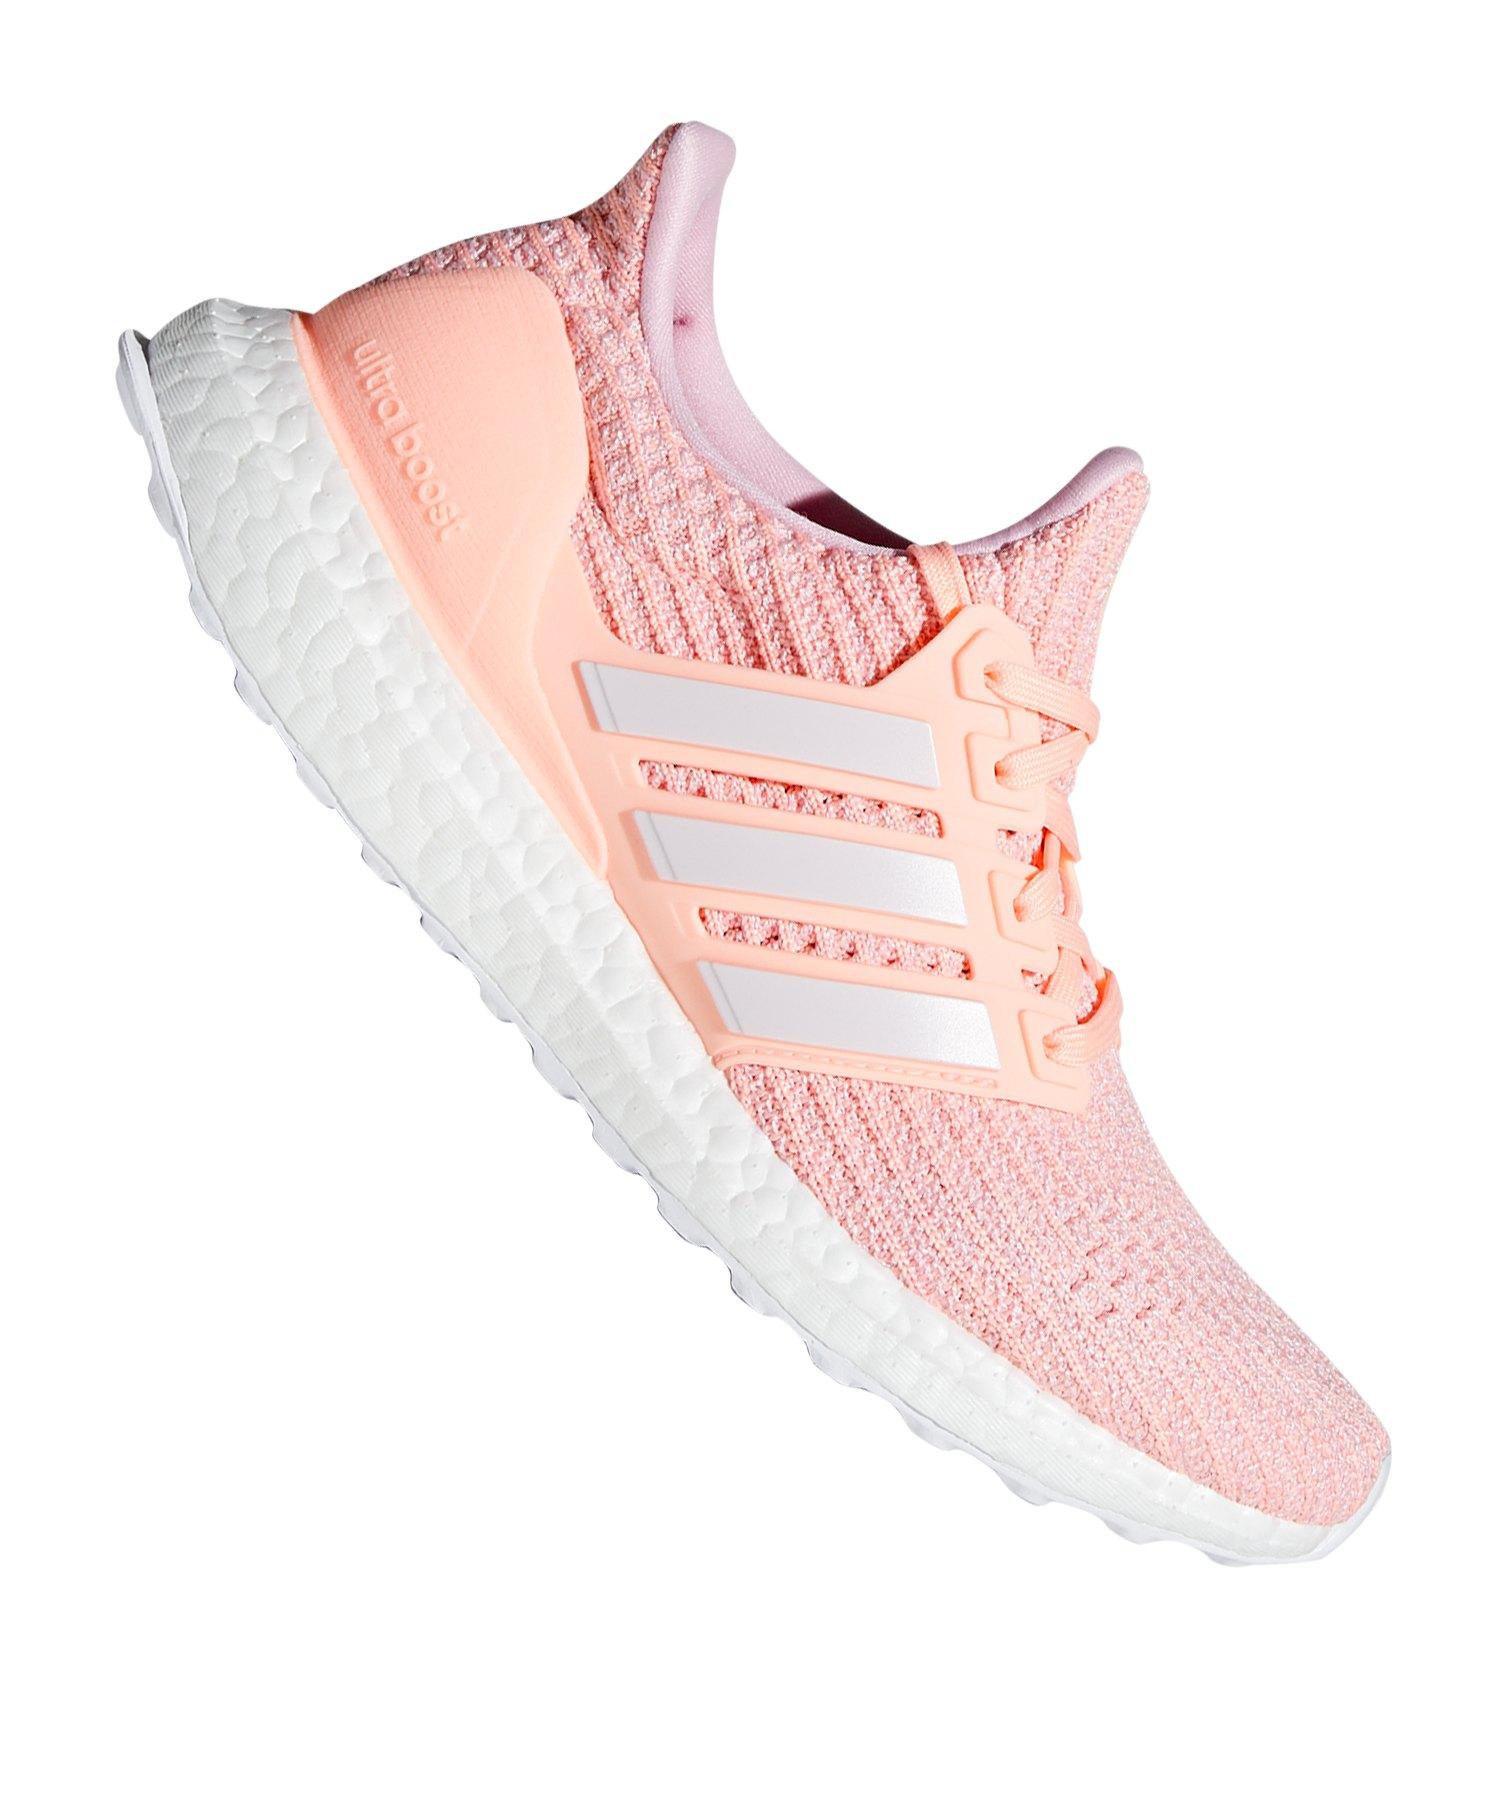 adidas Ultra Boost Sneaker Damen Rosa Weiss